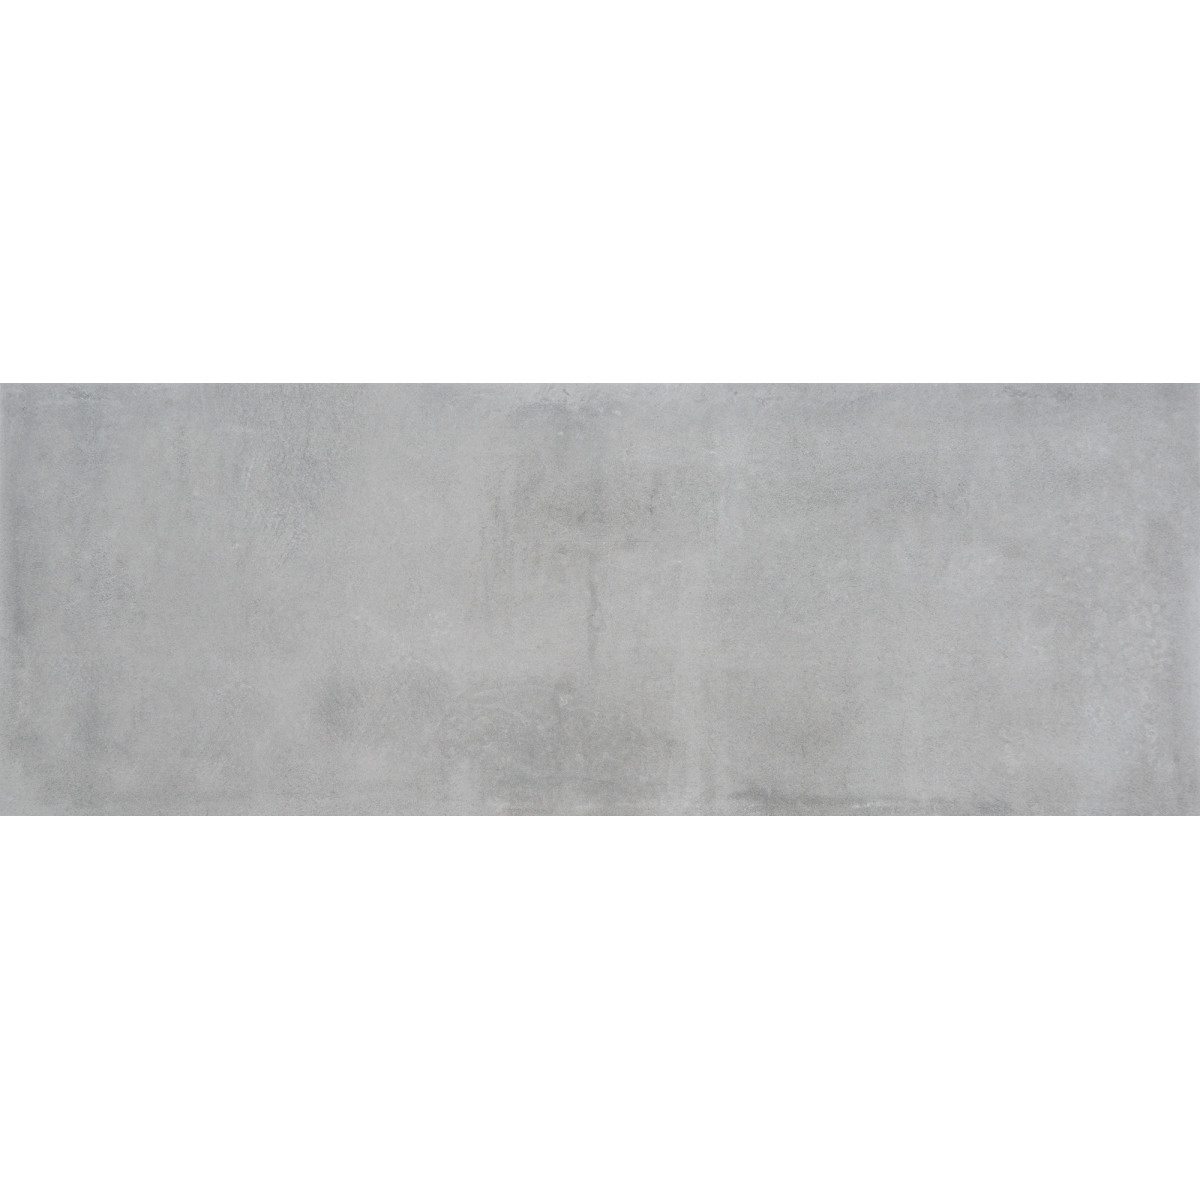 Плитка настенная Route66 Cemento 25х70 см 1.23 м² цвет серый